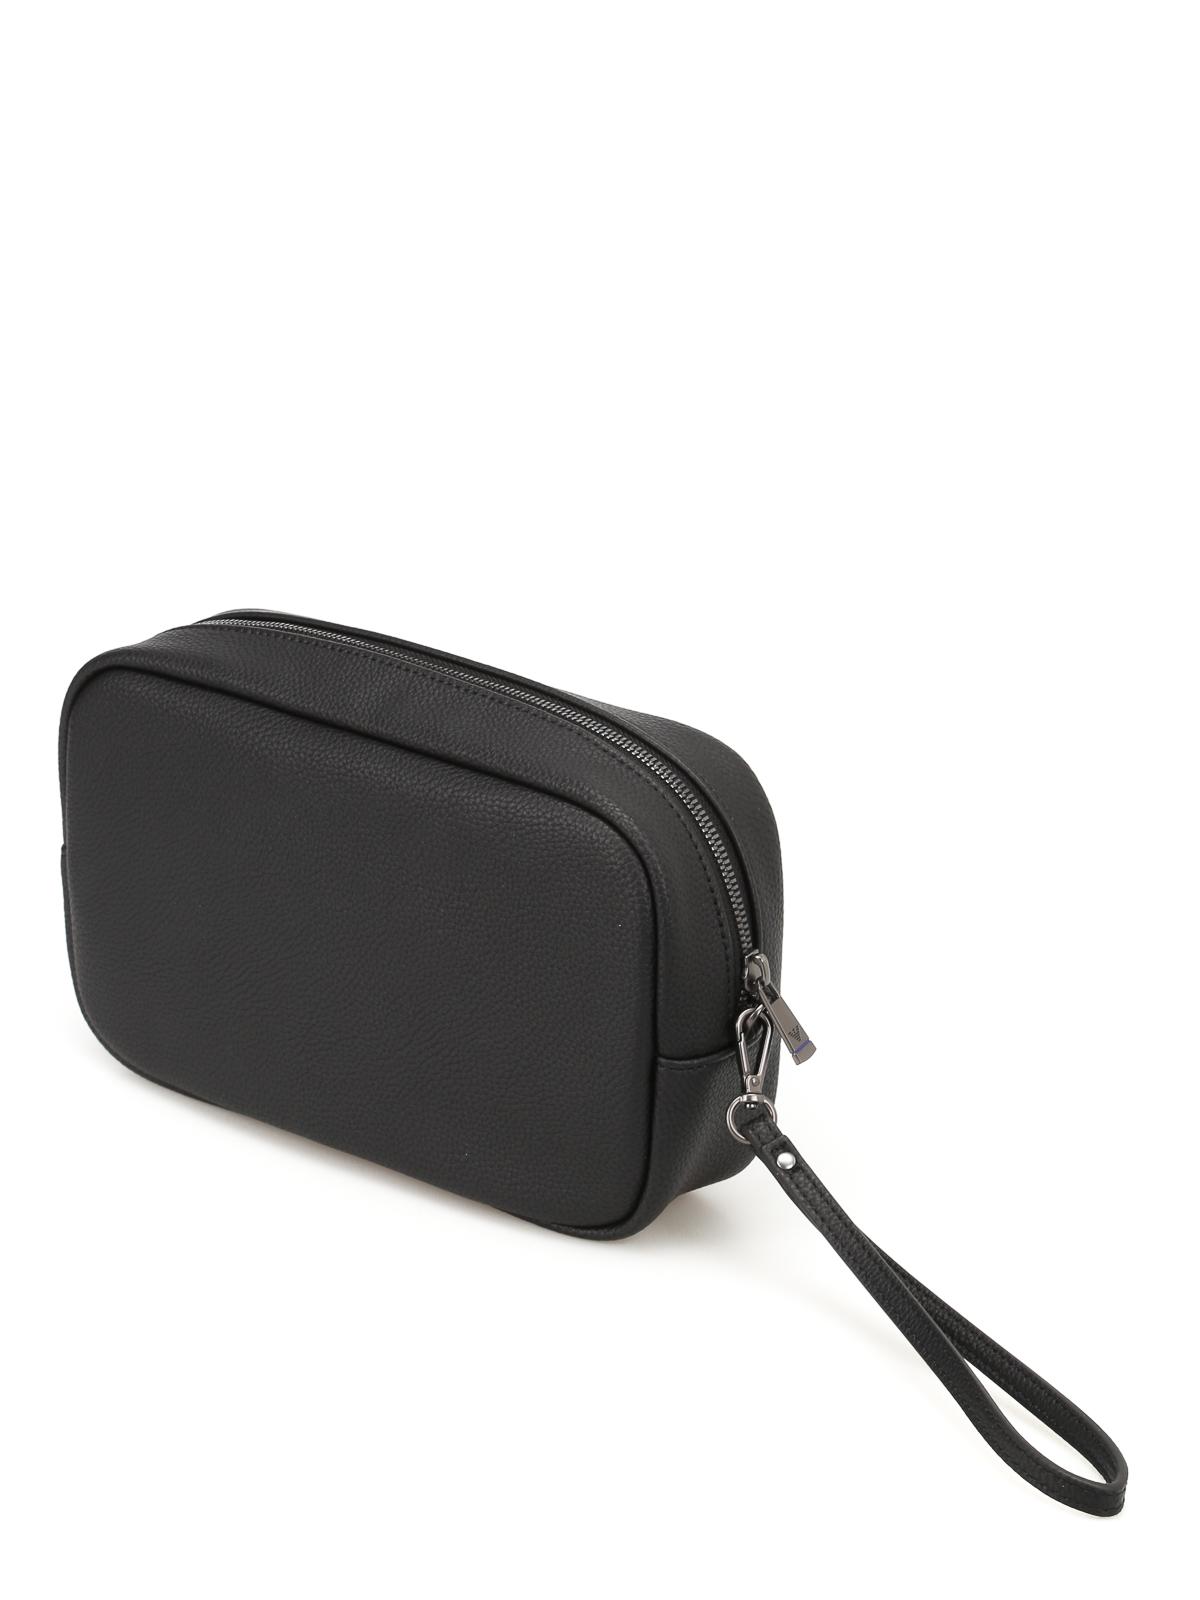 24c396b9b1 Emporio Armani - Clutch in similpelle nera con logo - pochette ...